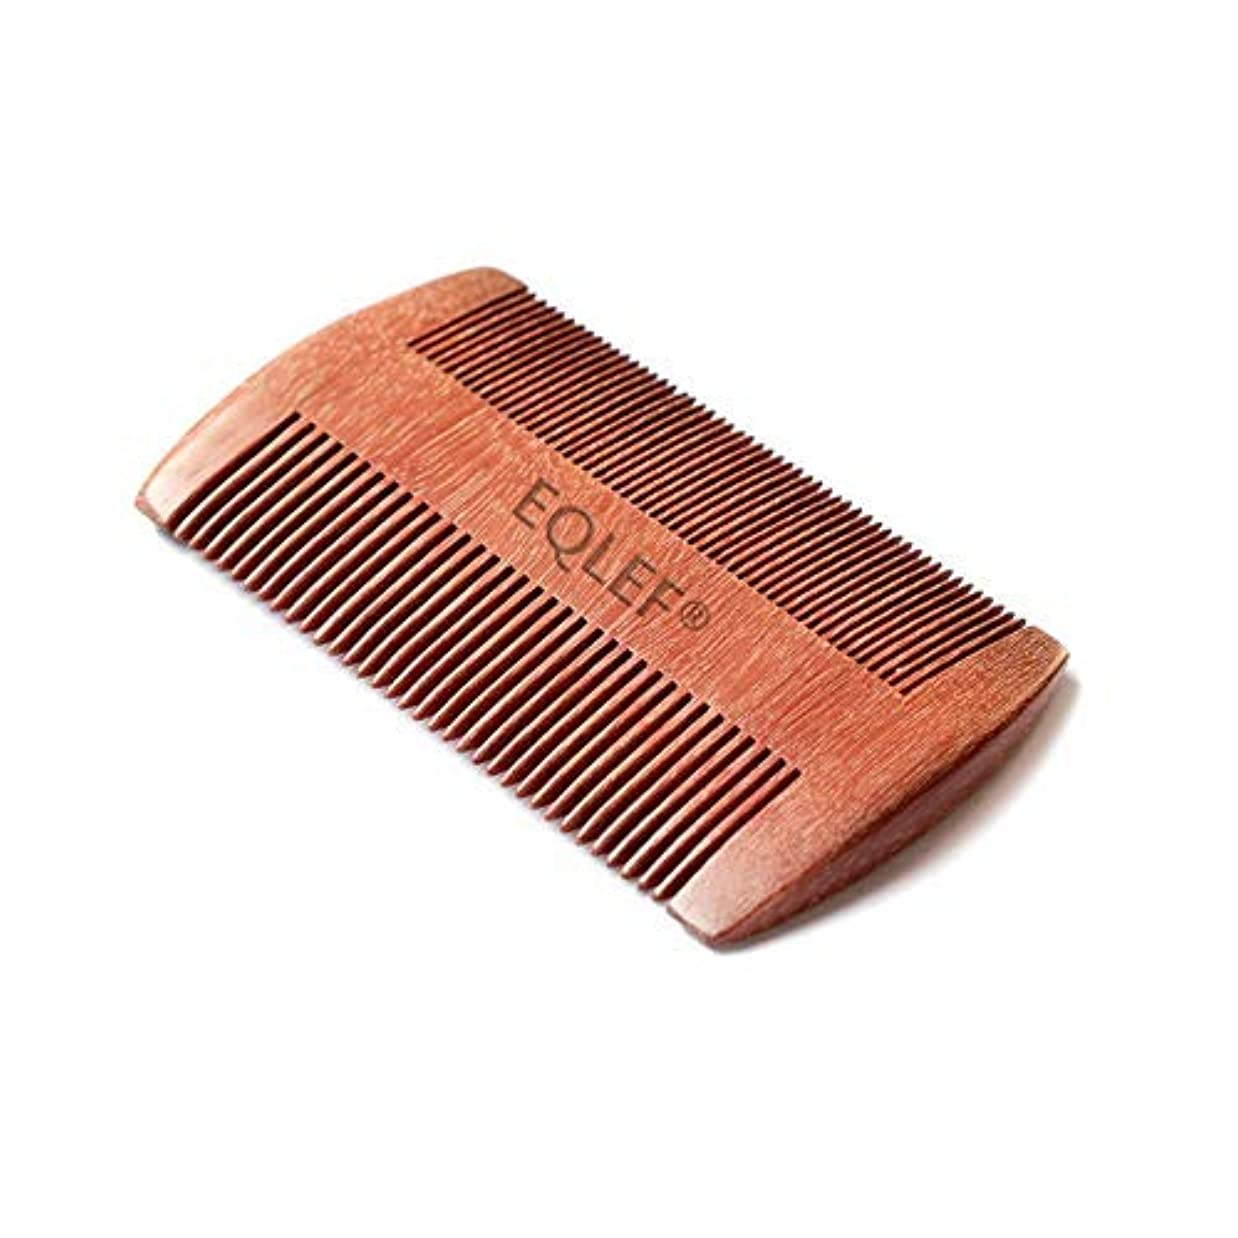 大佐もつれくつろぐEQLEF? Red sandalwood no static handmade comb, Pocket comb (beard) [並行輸入品]